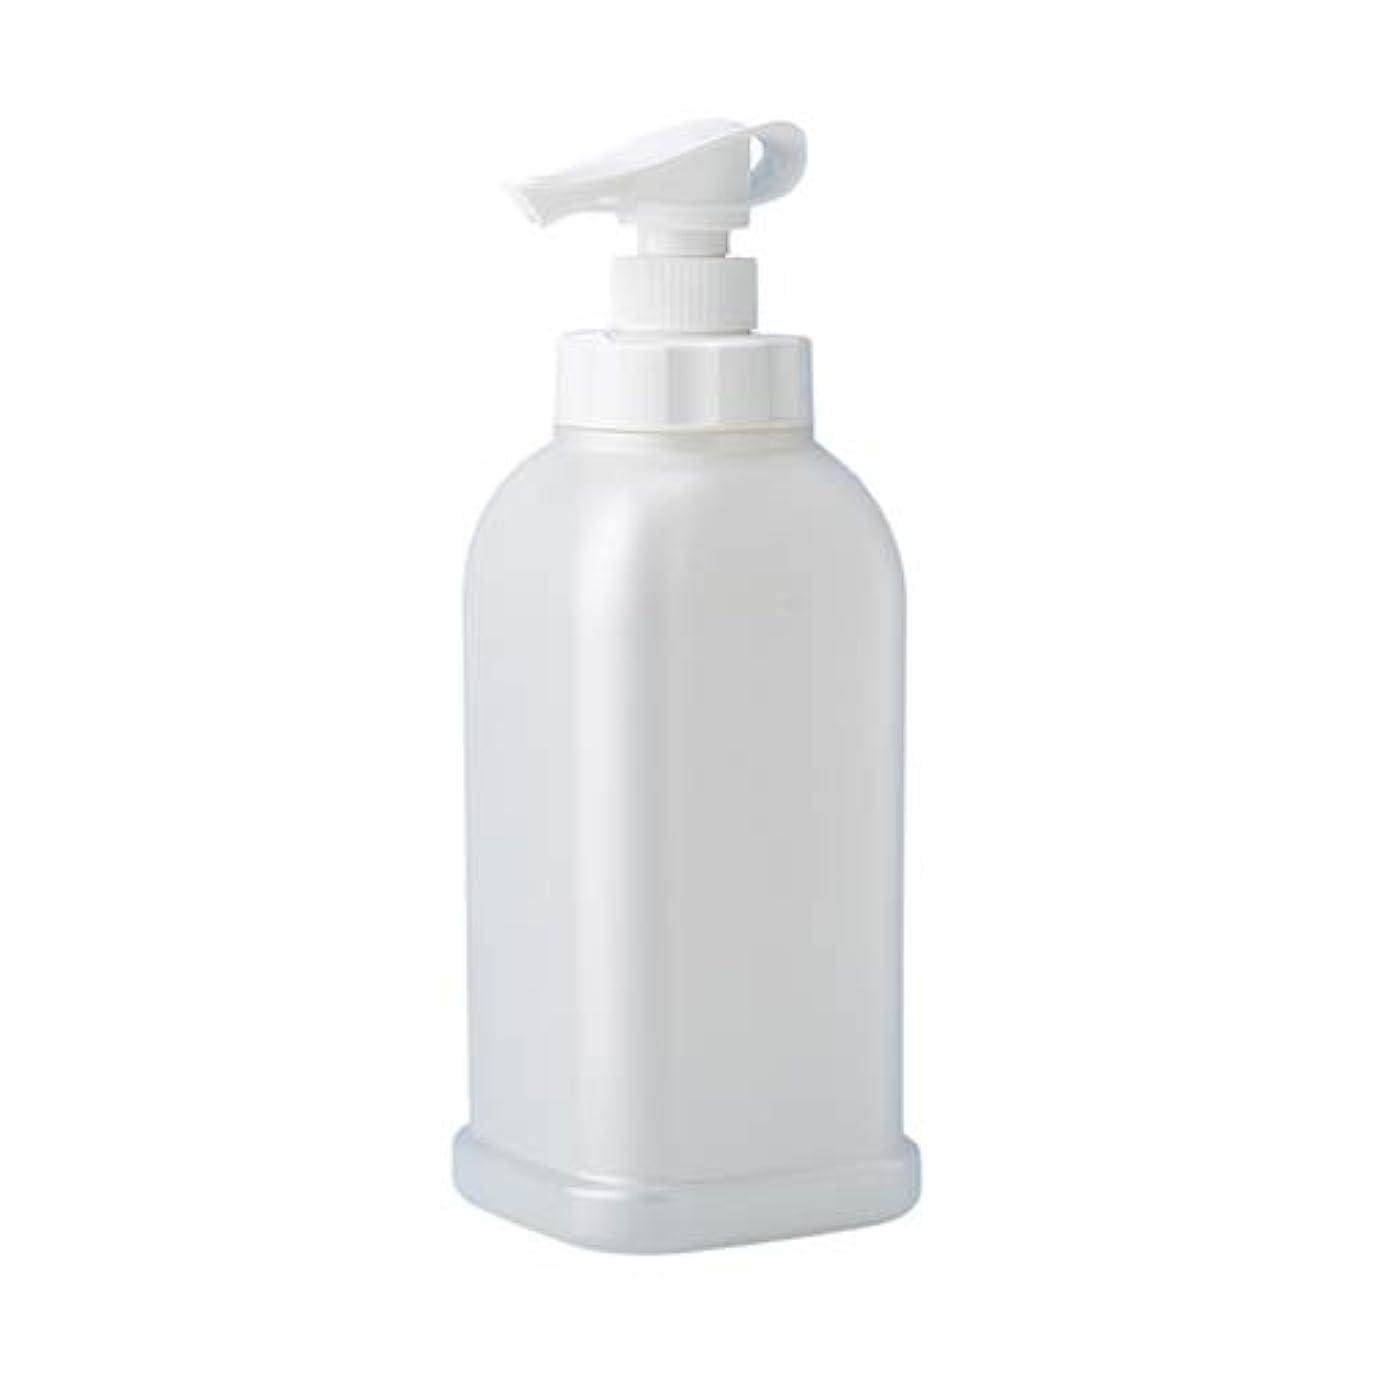 みがきます祝福受賞安定感のある ポンプボトル シャンプー コンディショナー リンス ボディソープ ハンドソープ 1.2L詰め替え容器 パールホワイト